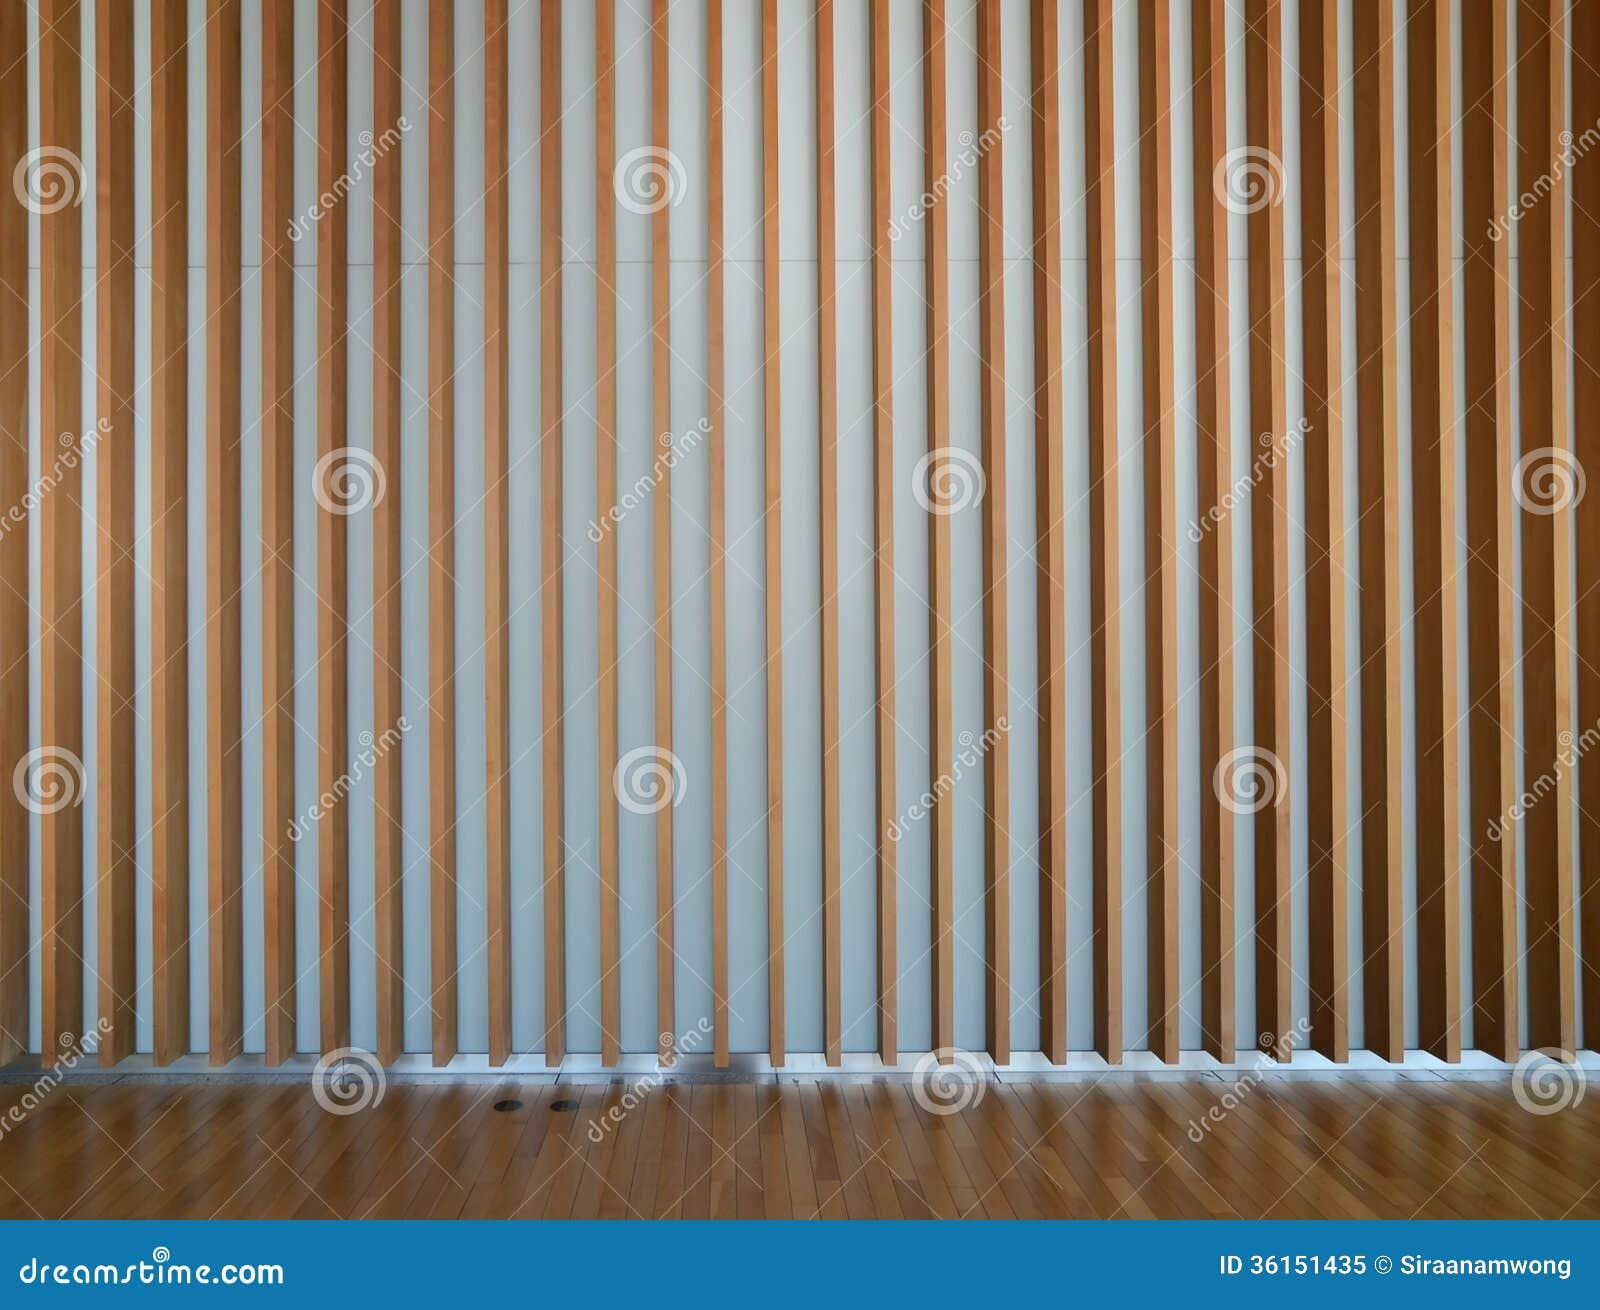 Wooden Fin Facade Interior Stock Image Image Of Frame